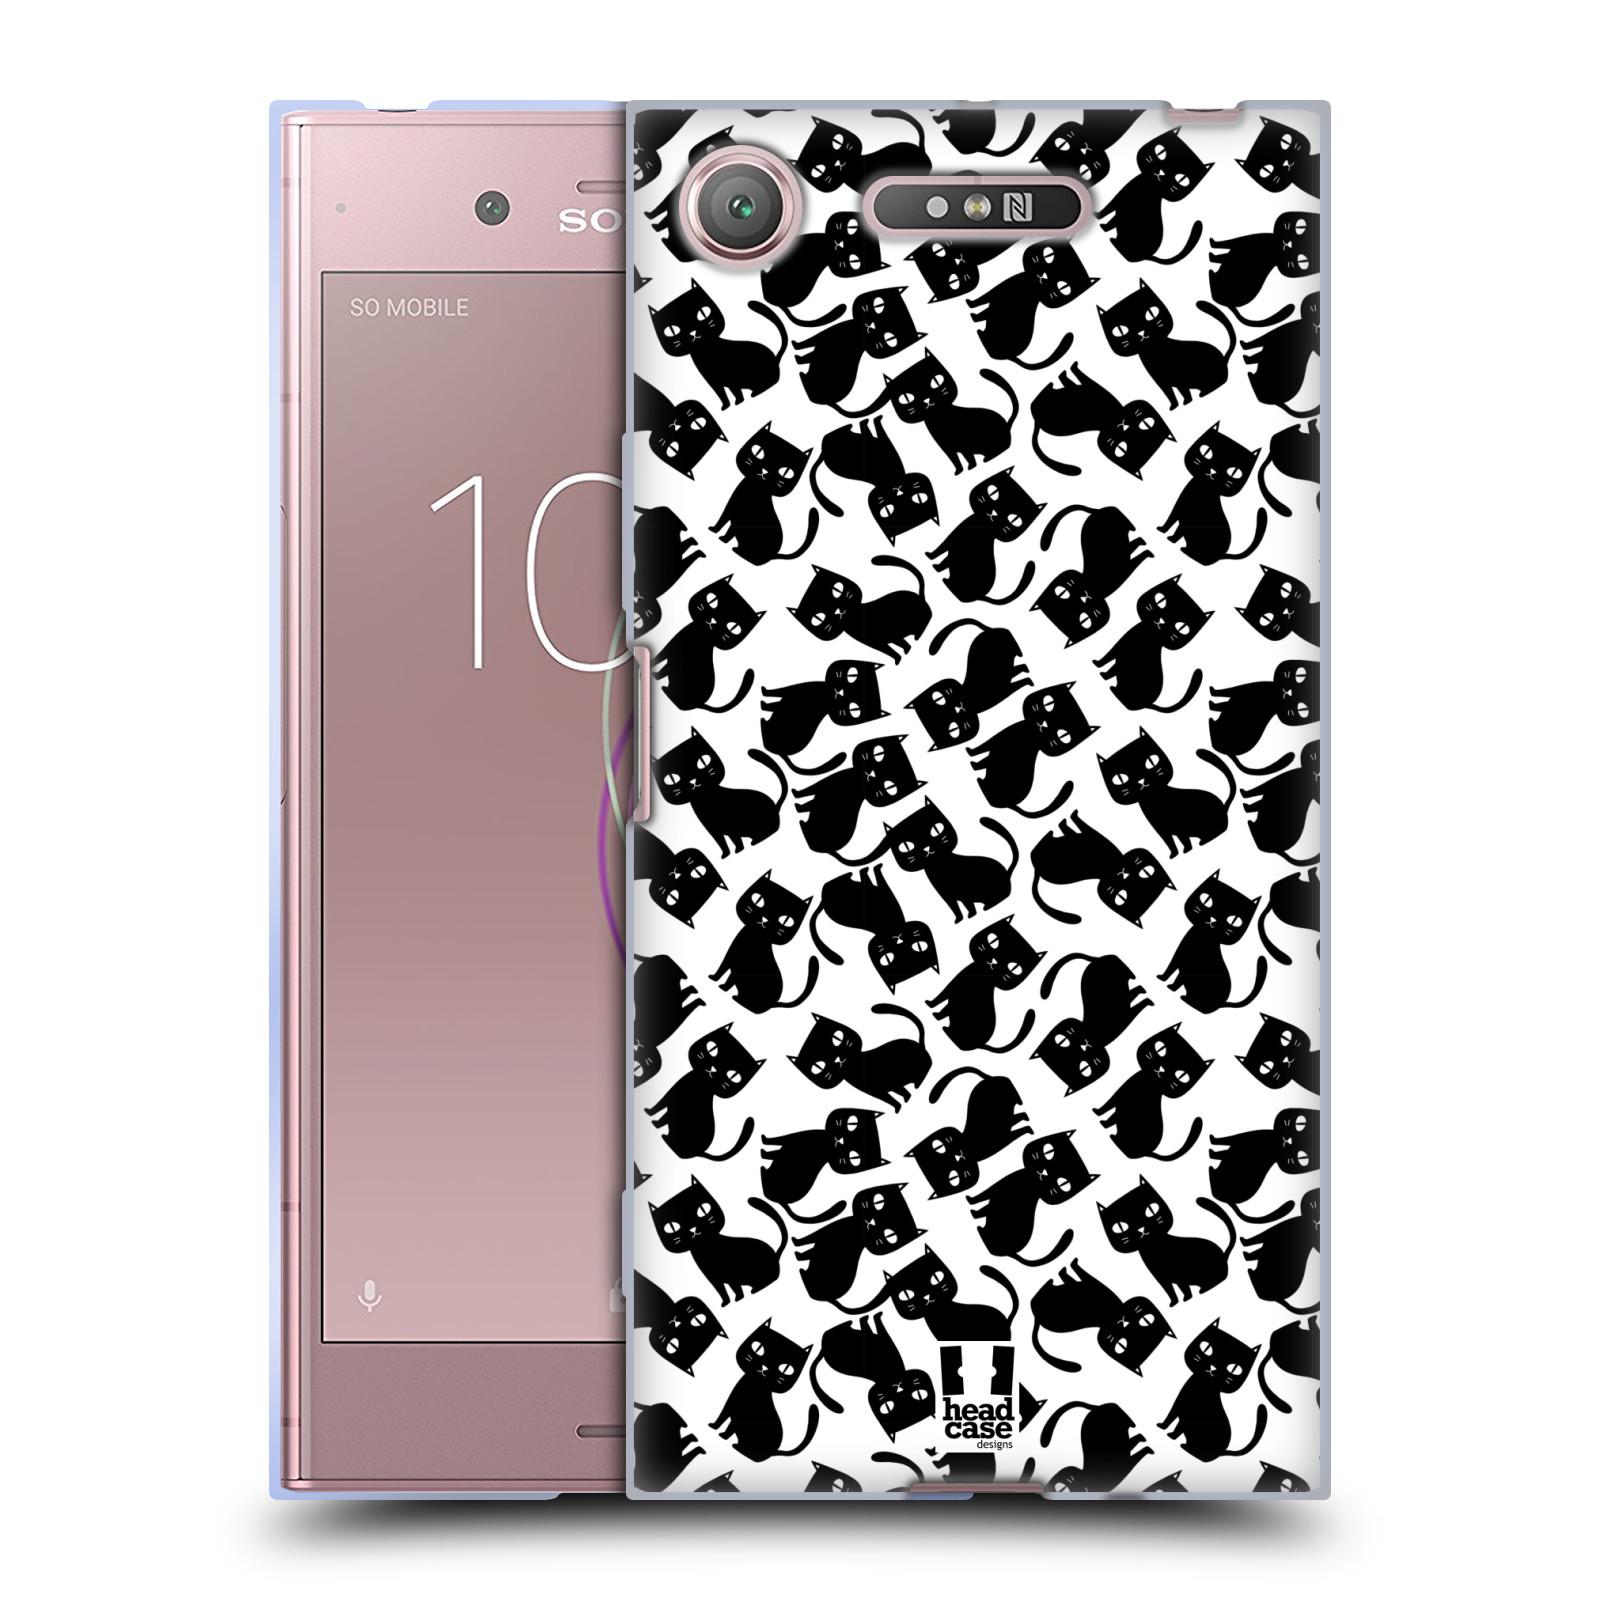 Silikonové pouzdro na mobil Sony Xperia XZ1 - Head Case - KOČKY Black Pattern (Silikonový kryt či obal na mobilní telefon Sony Xperia XZ1 (G8342 Dual Sim / G8341 Single Sim) s motivem KOČKY Black Pattern)